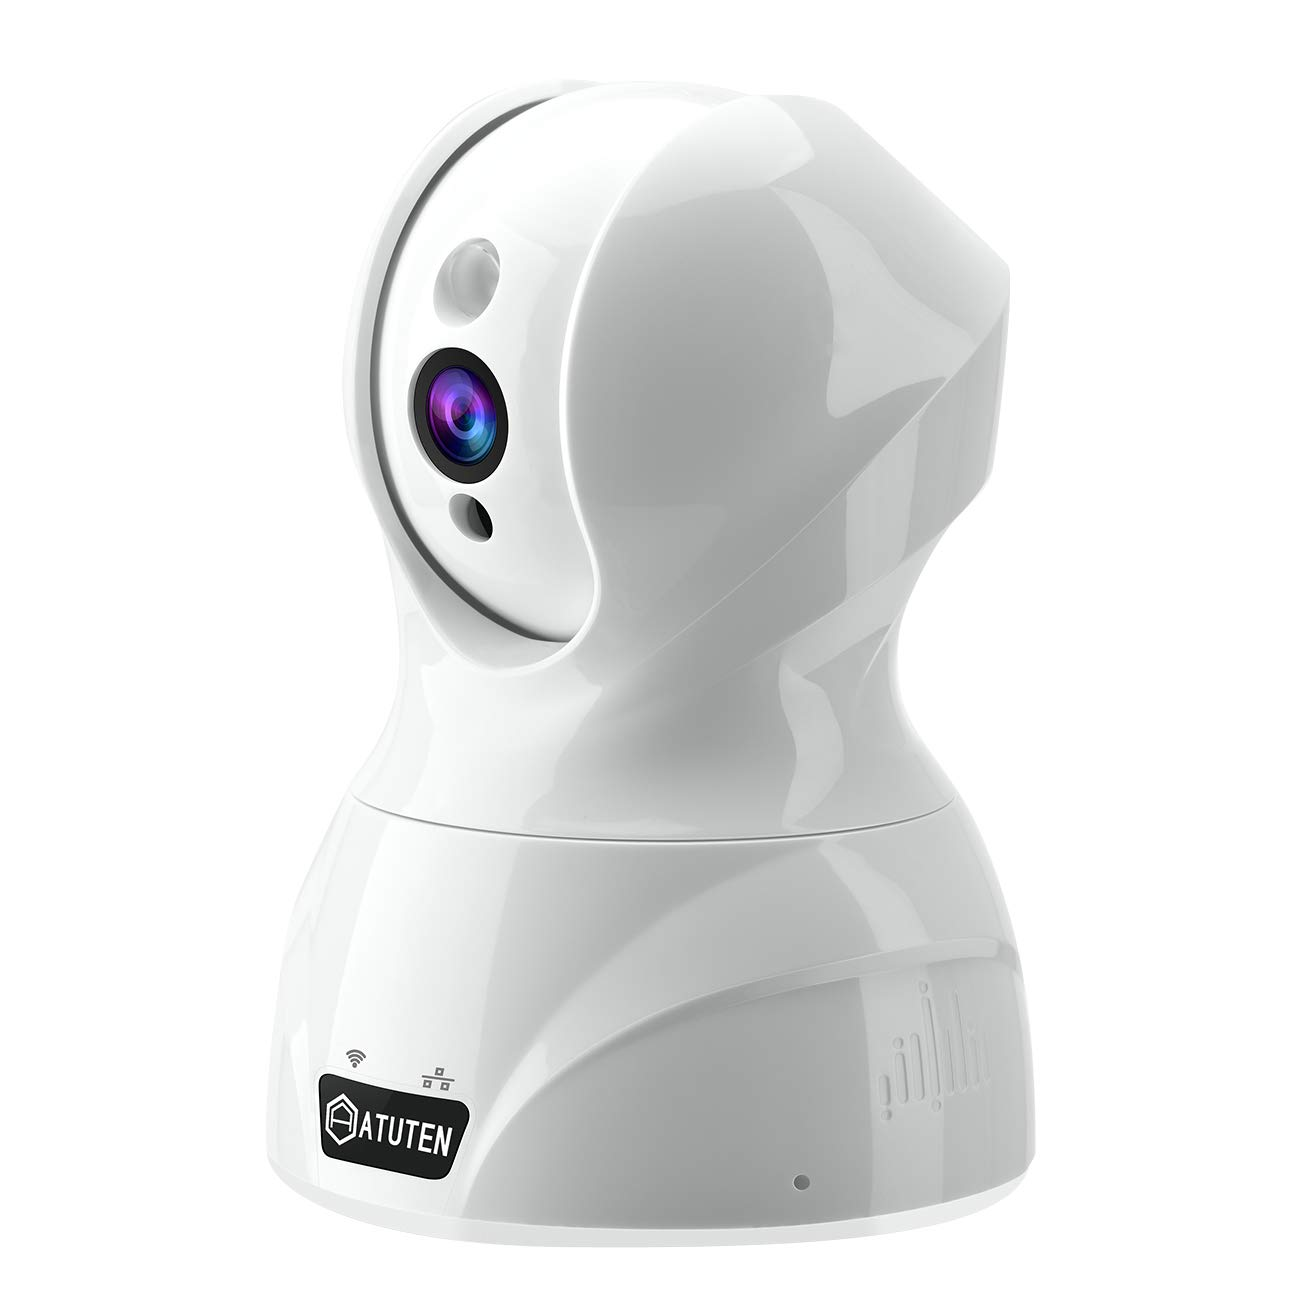 Atuten Seguridad 1536P IP Cámara WiFi Camaras de Vigilancia Inalámbrico 3MP HD Audio bidireccional, Visión Nocturna, Detección de movimiento, Seguridad para casa para bebé anciana seguridad en el hogar Compatible con iOS y Android Blanco 826